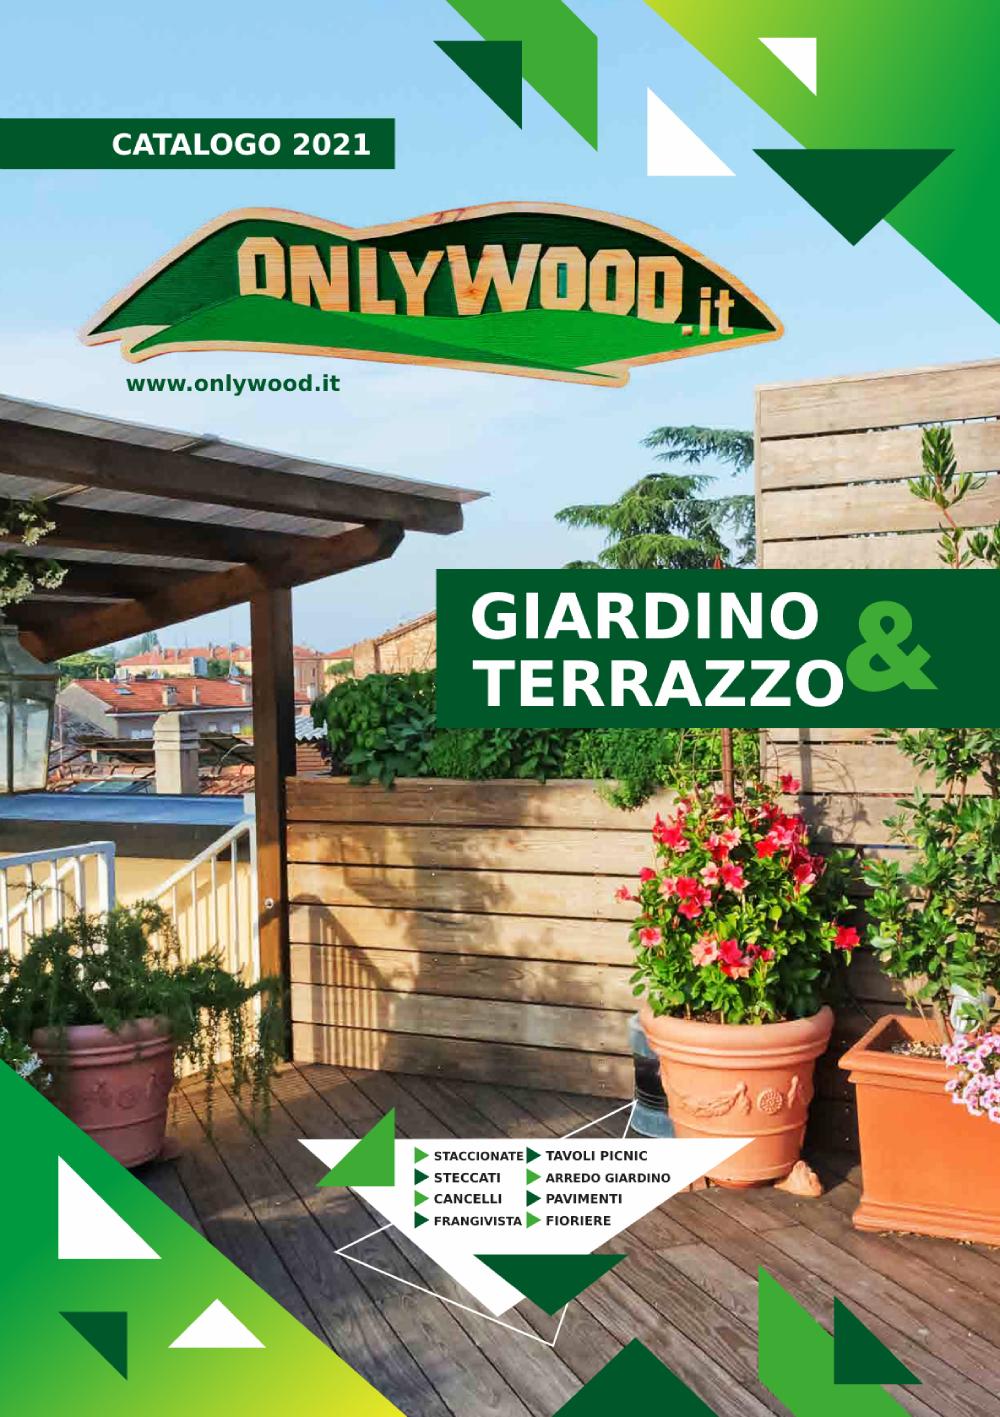 Catalogo Onlywood Giardino e Terrazzo